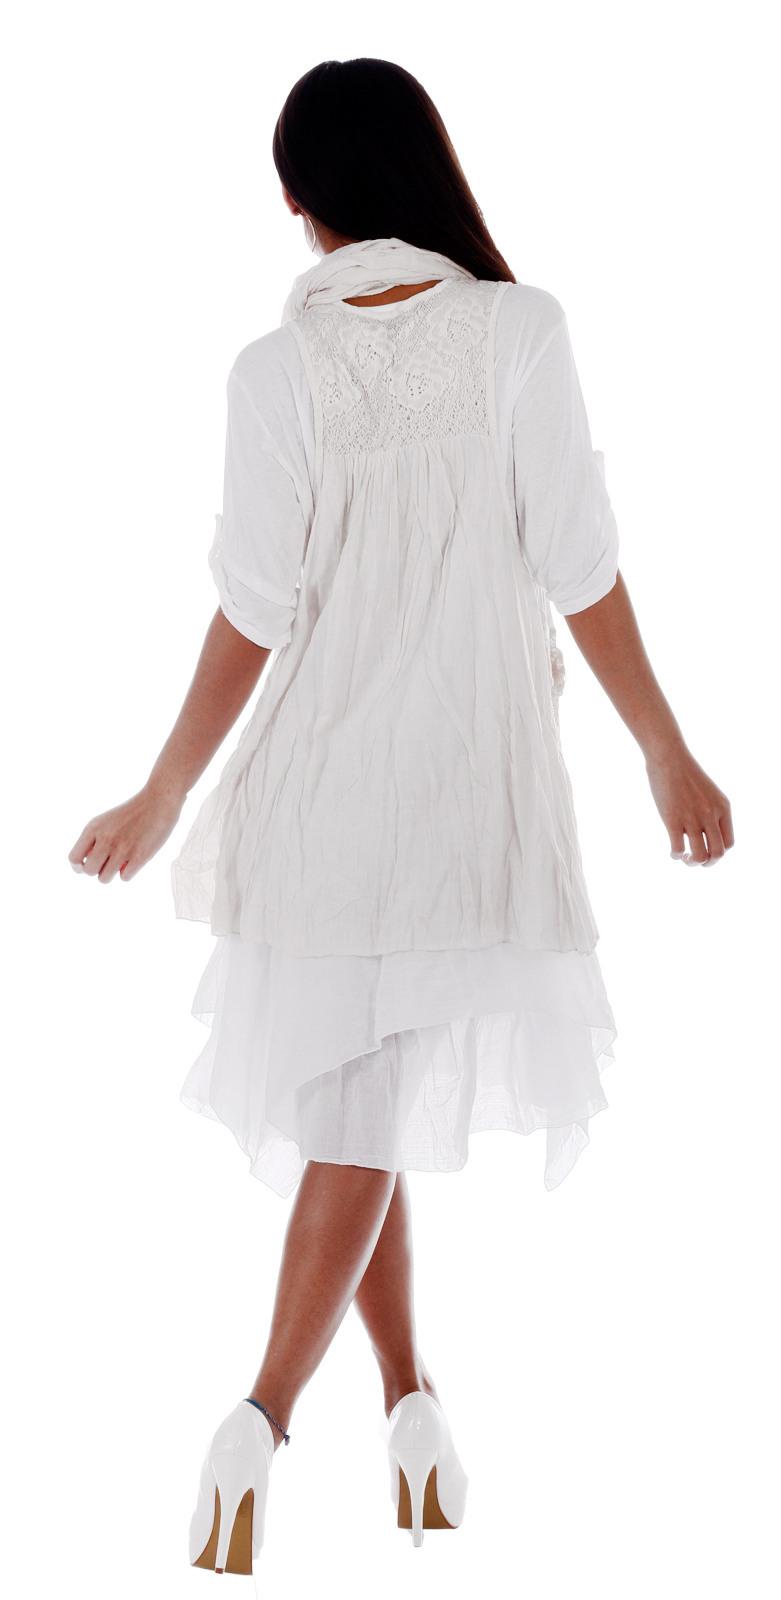 Abend Cool Sommerkleid Weiß für 201910 Schön Sommerkleid Weiß Boutique